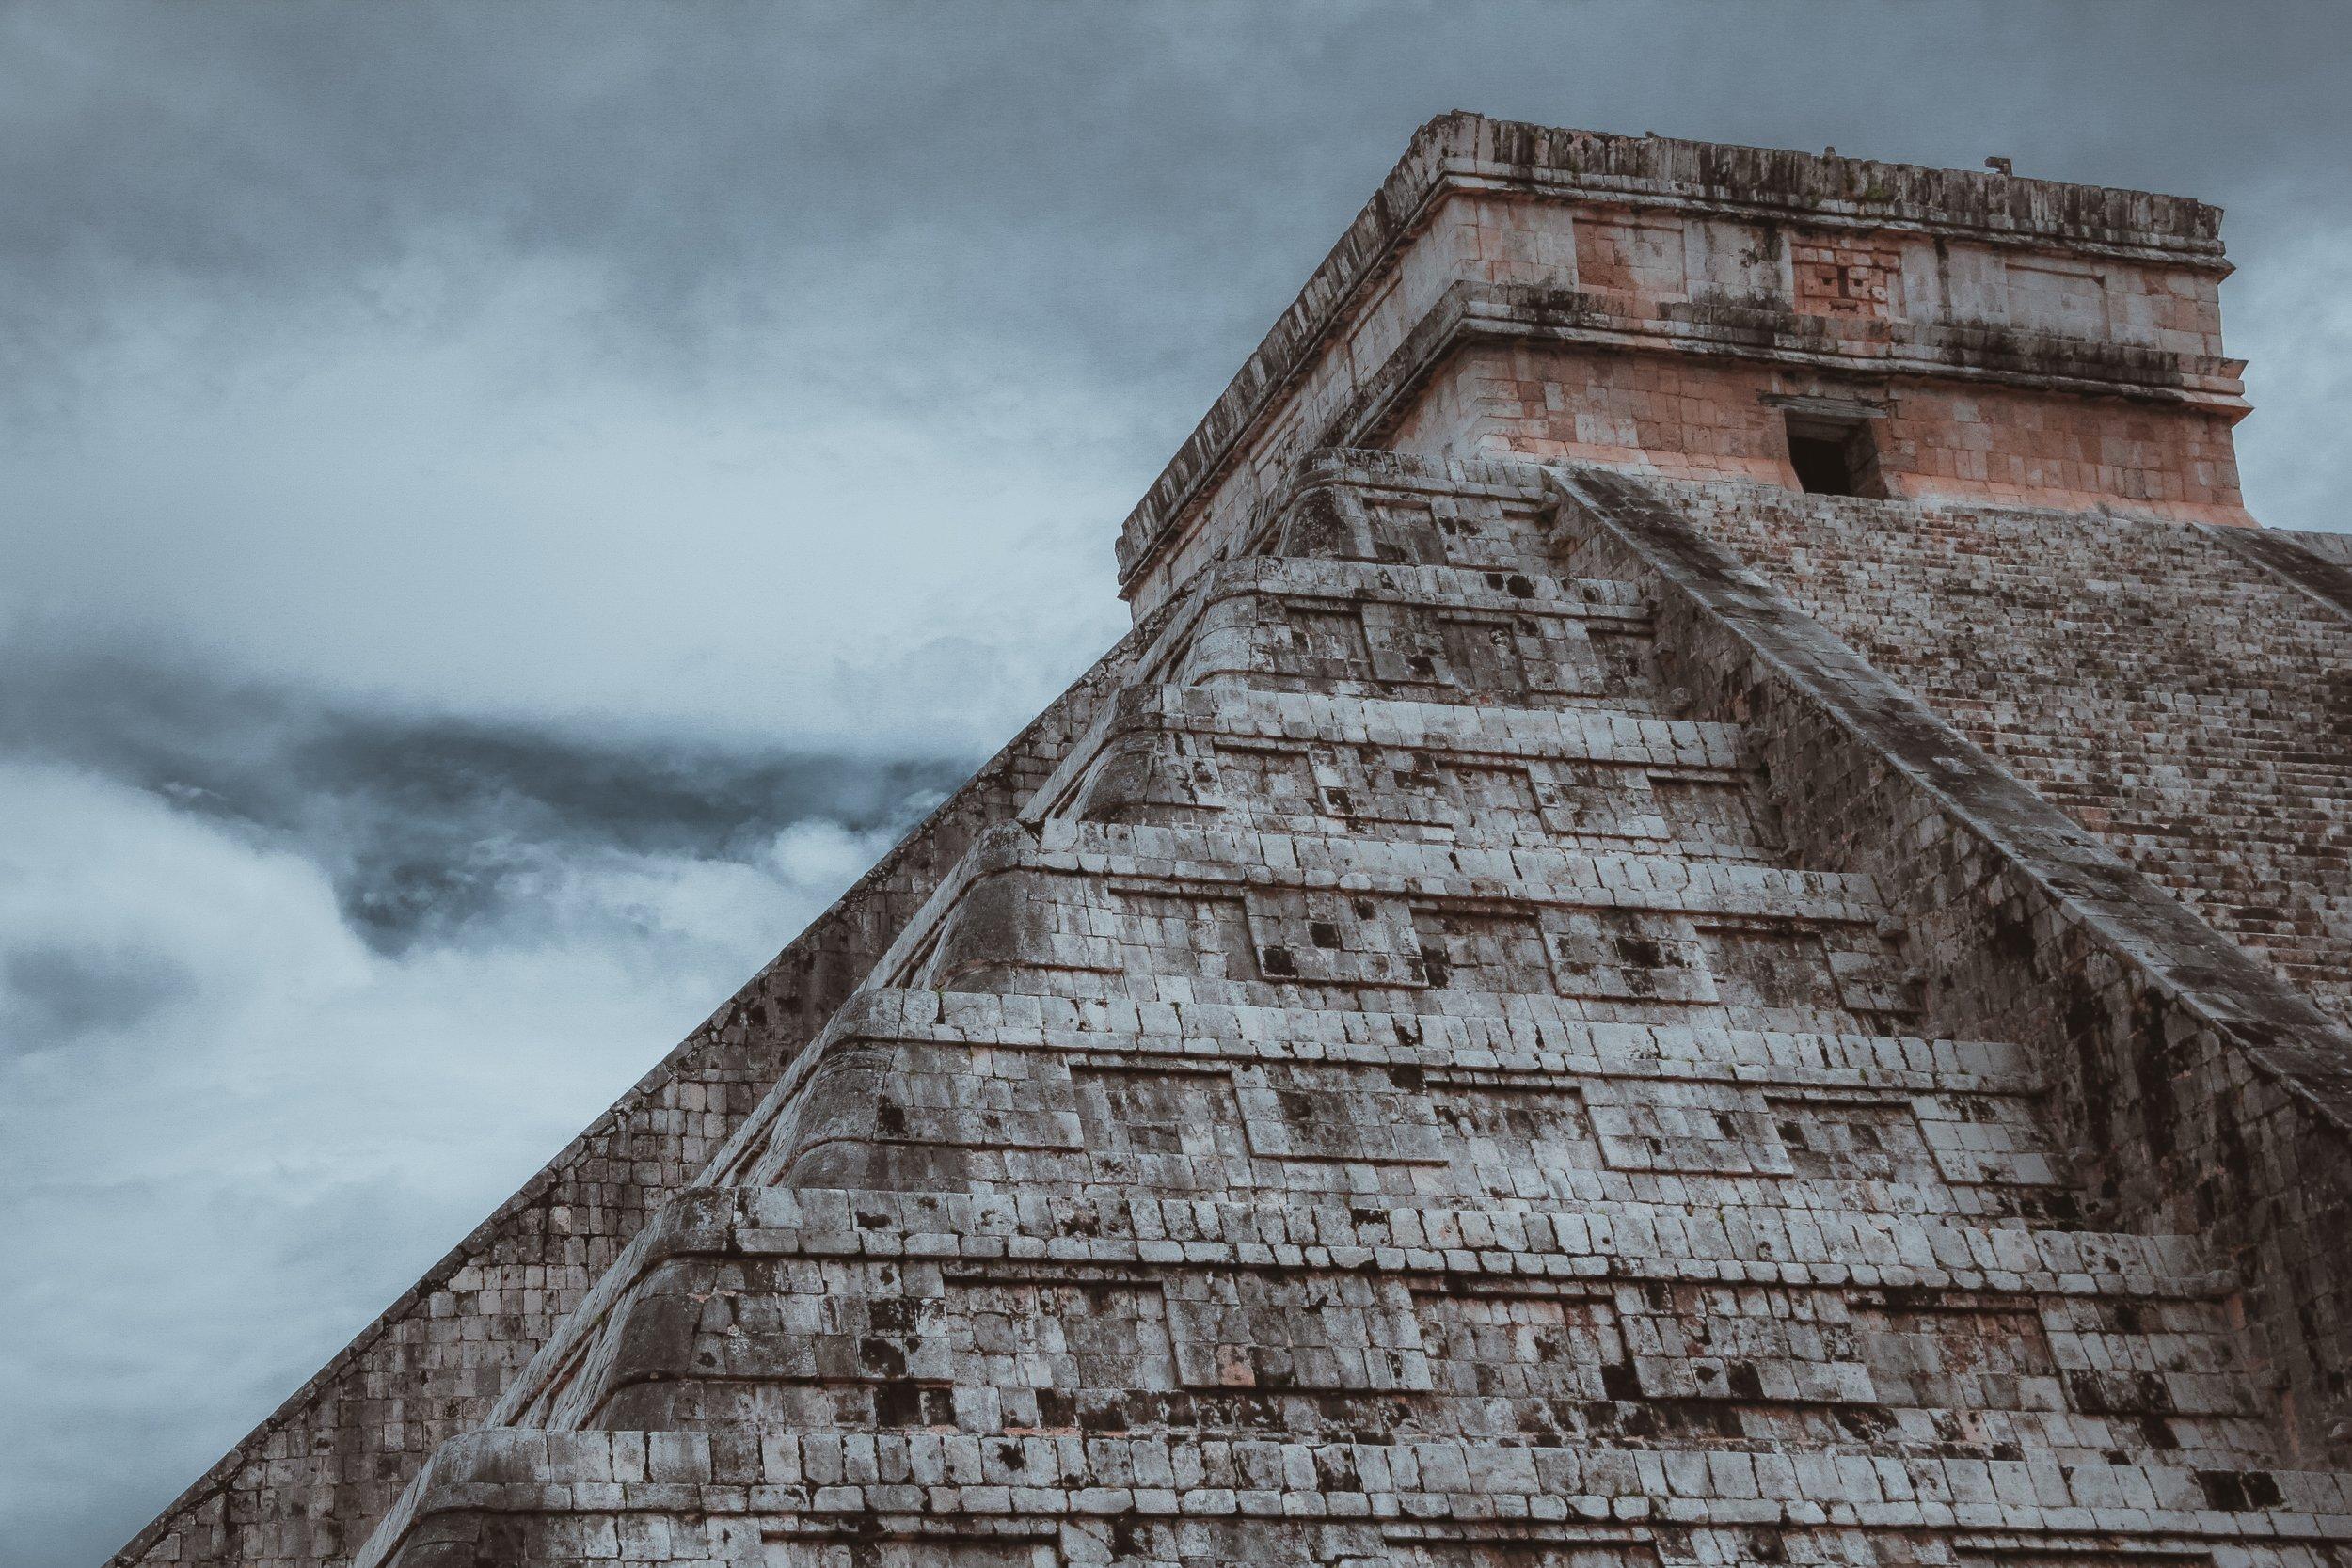 Cancun/Riviera Maya - Learn More →